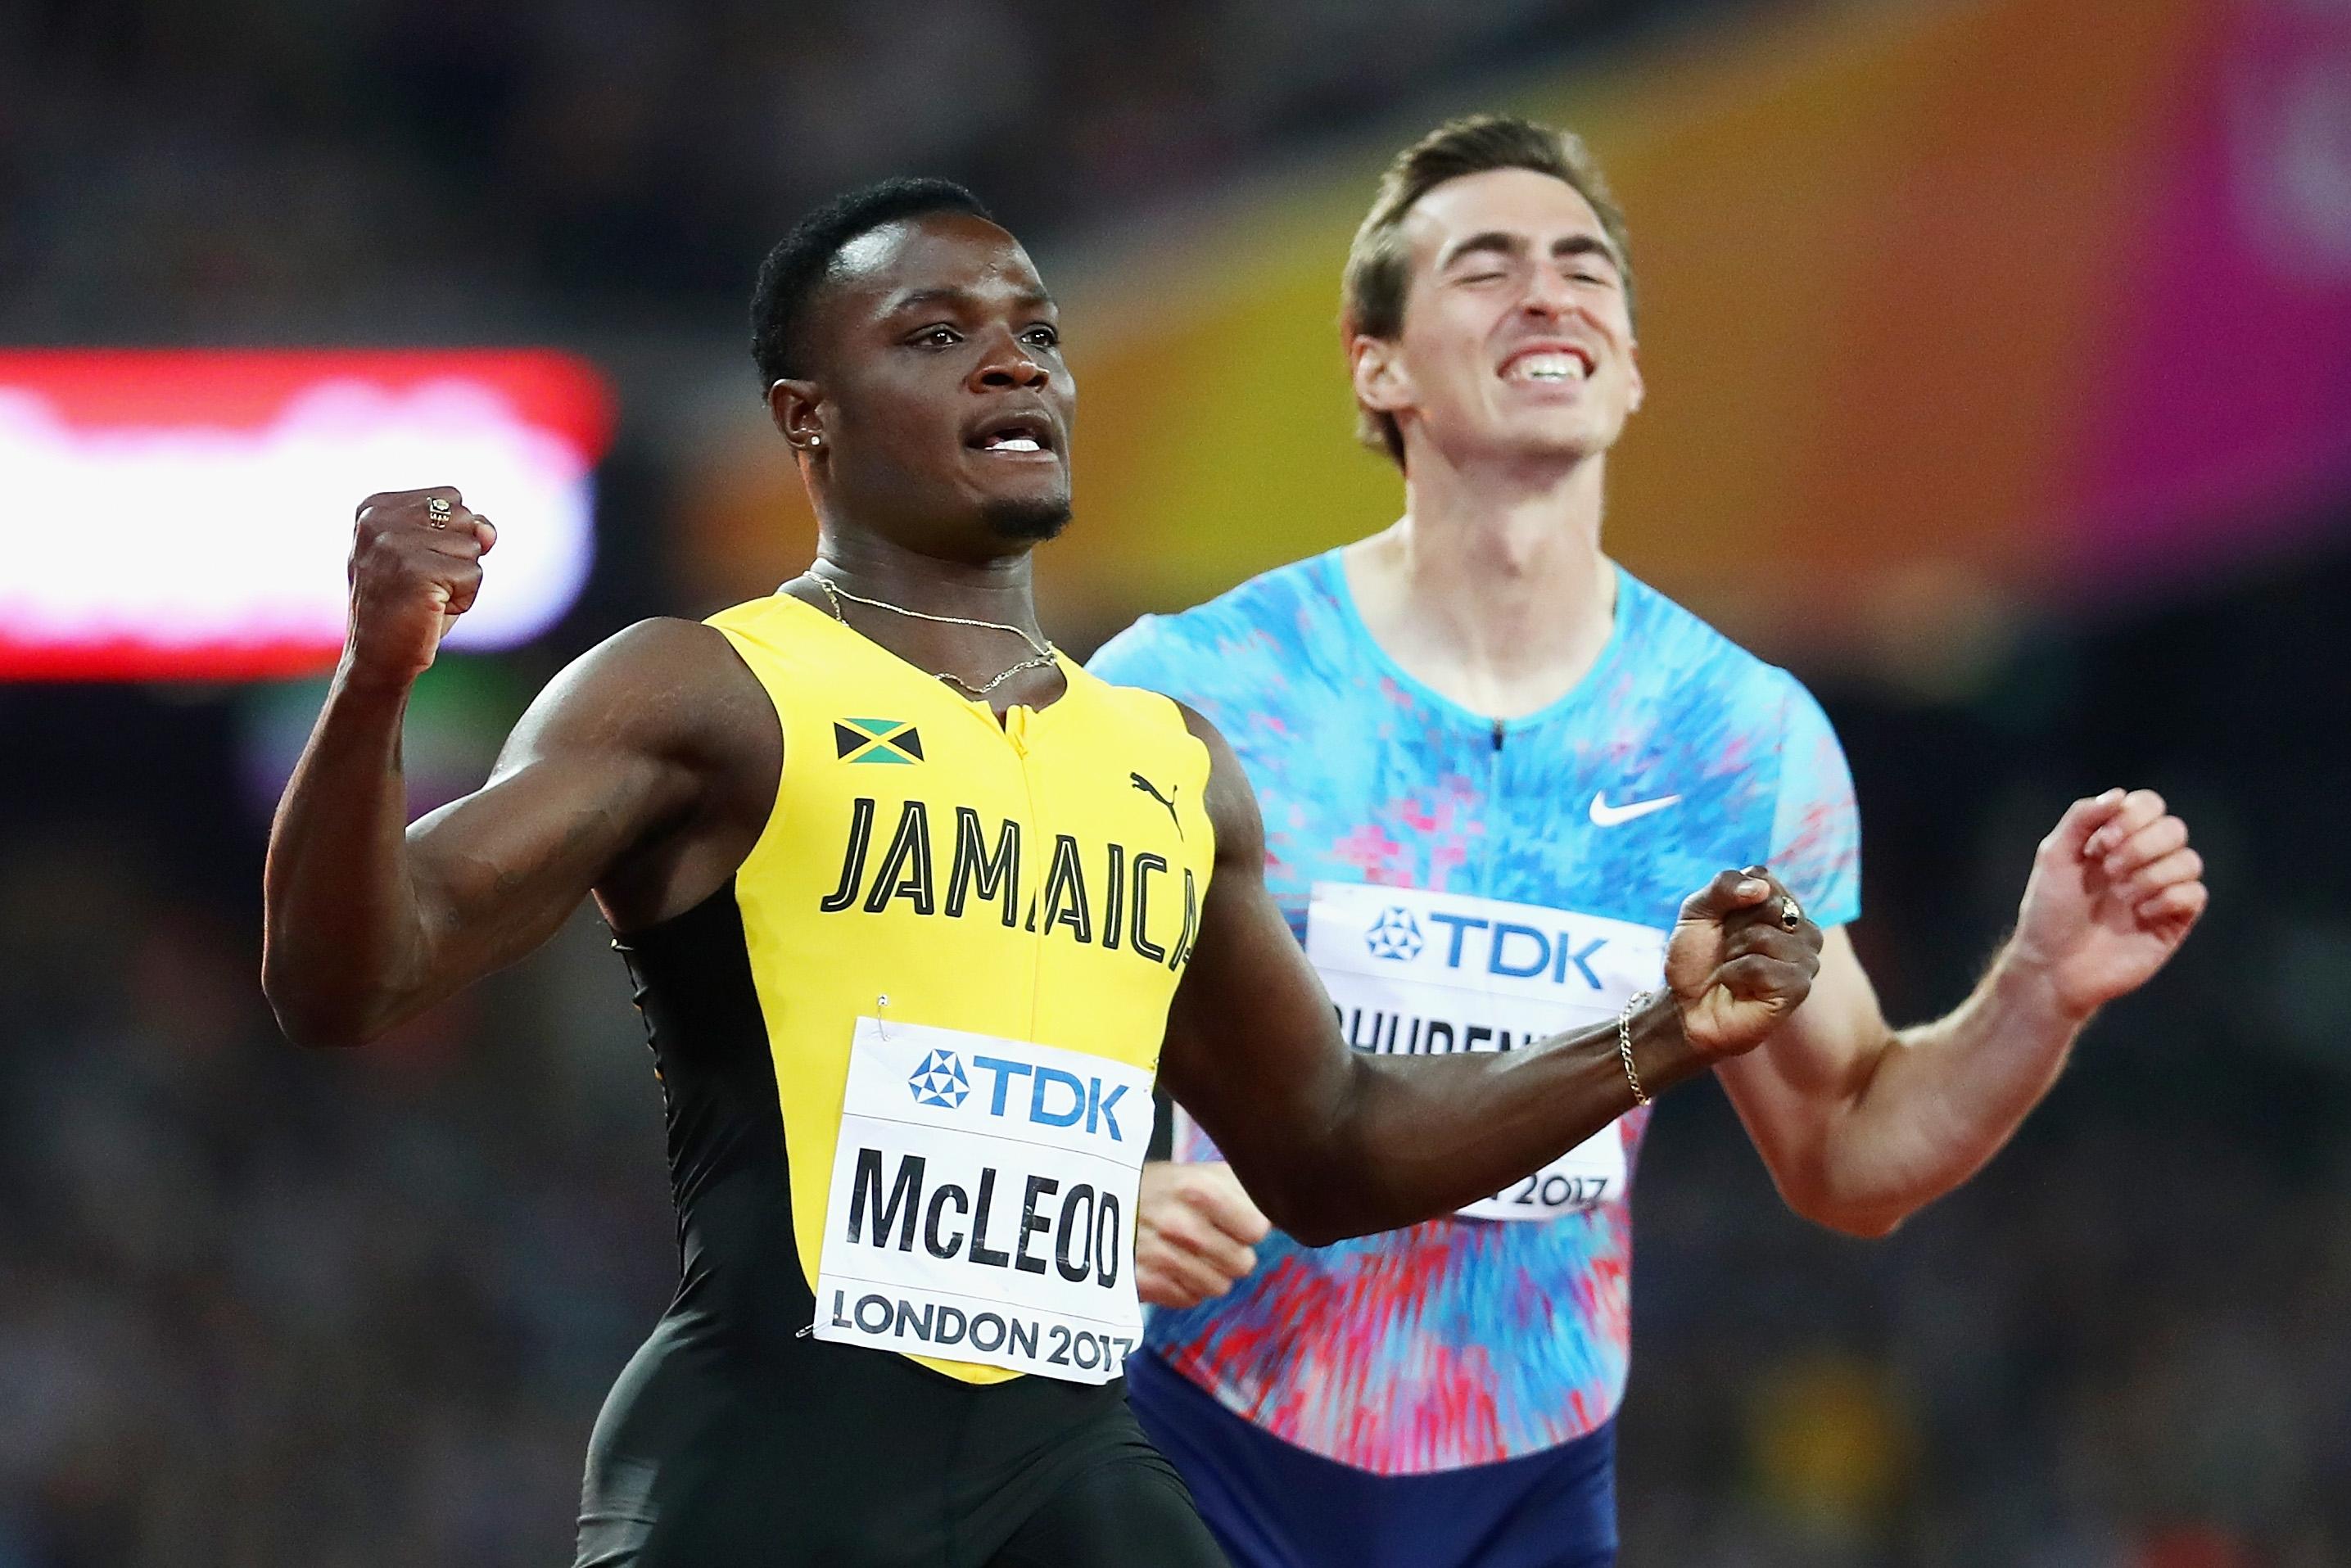 Няколко сериозни имена вече са потвърдили участие за международния атлетически